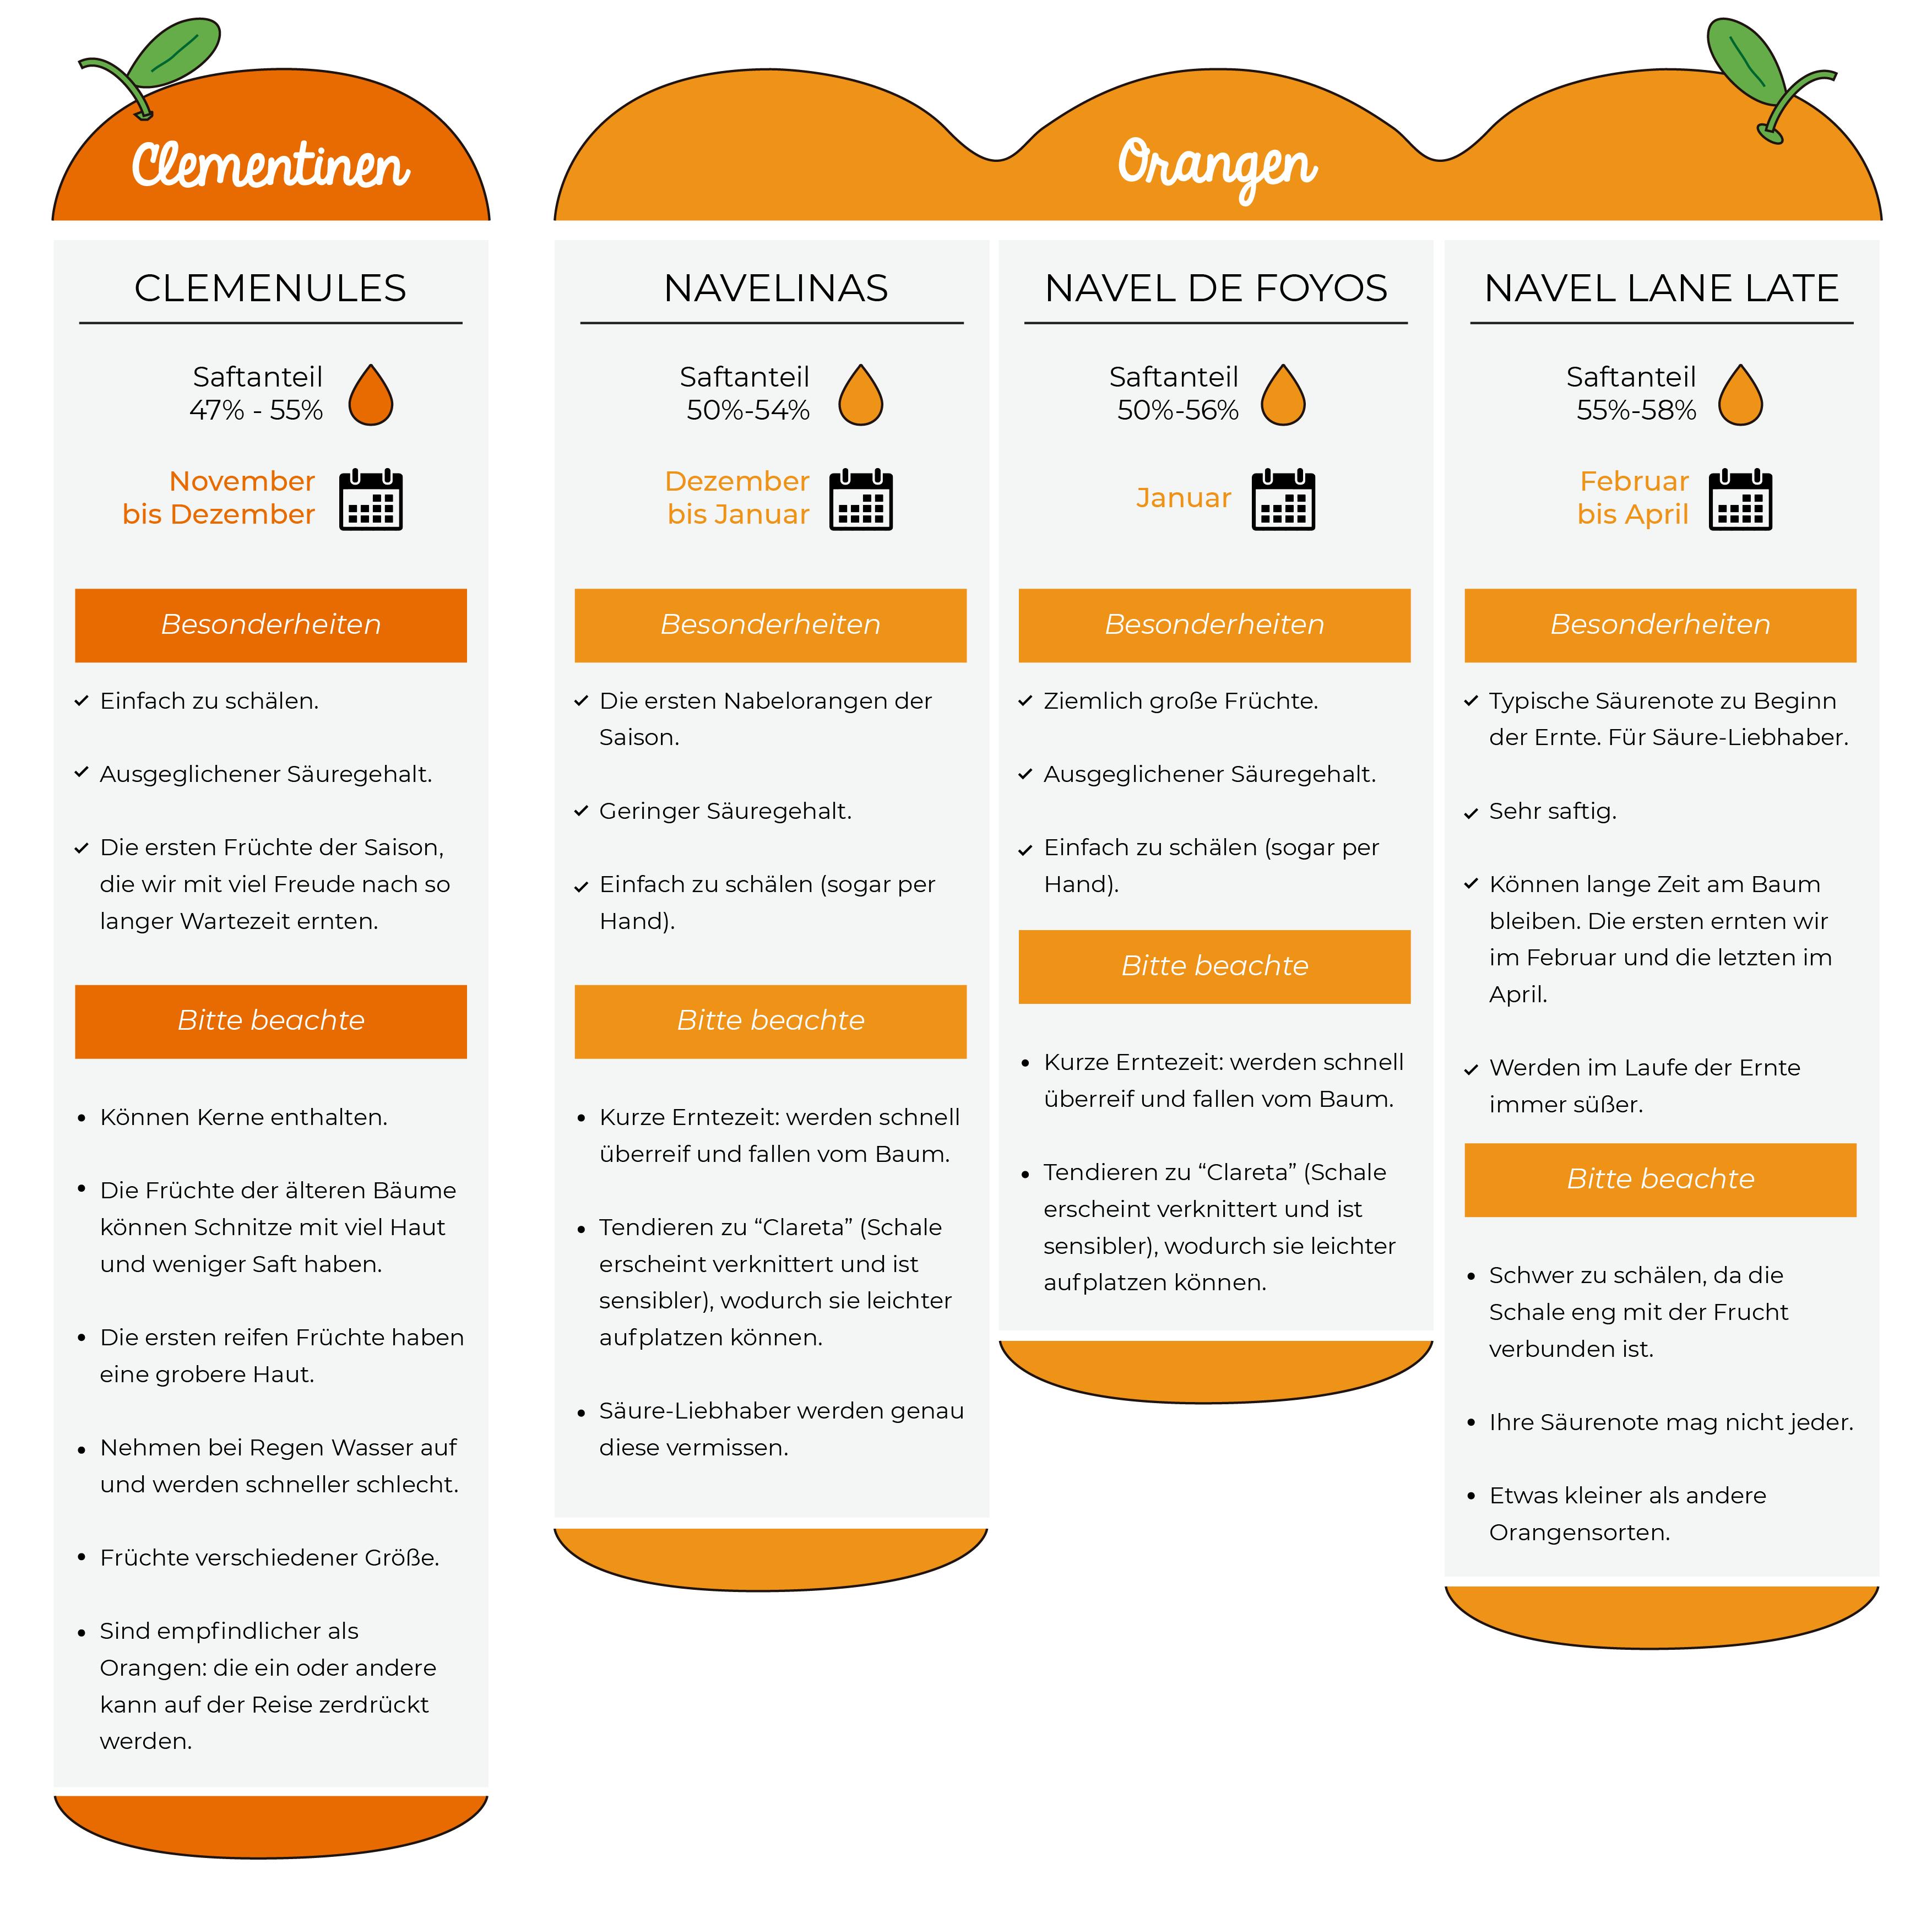 20190219 Variedades de Naranja Calendario DE